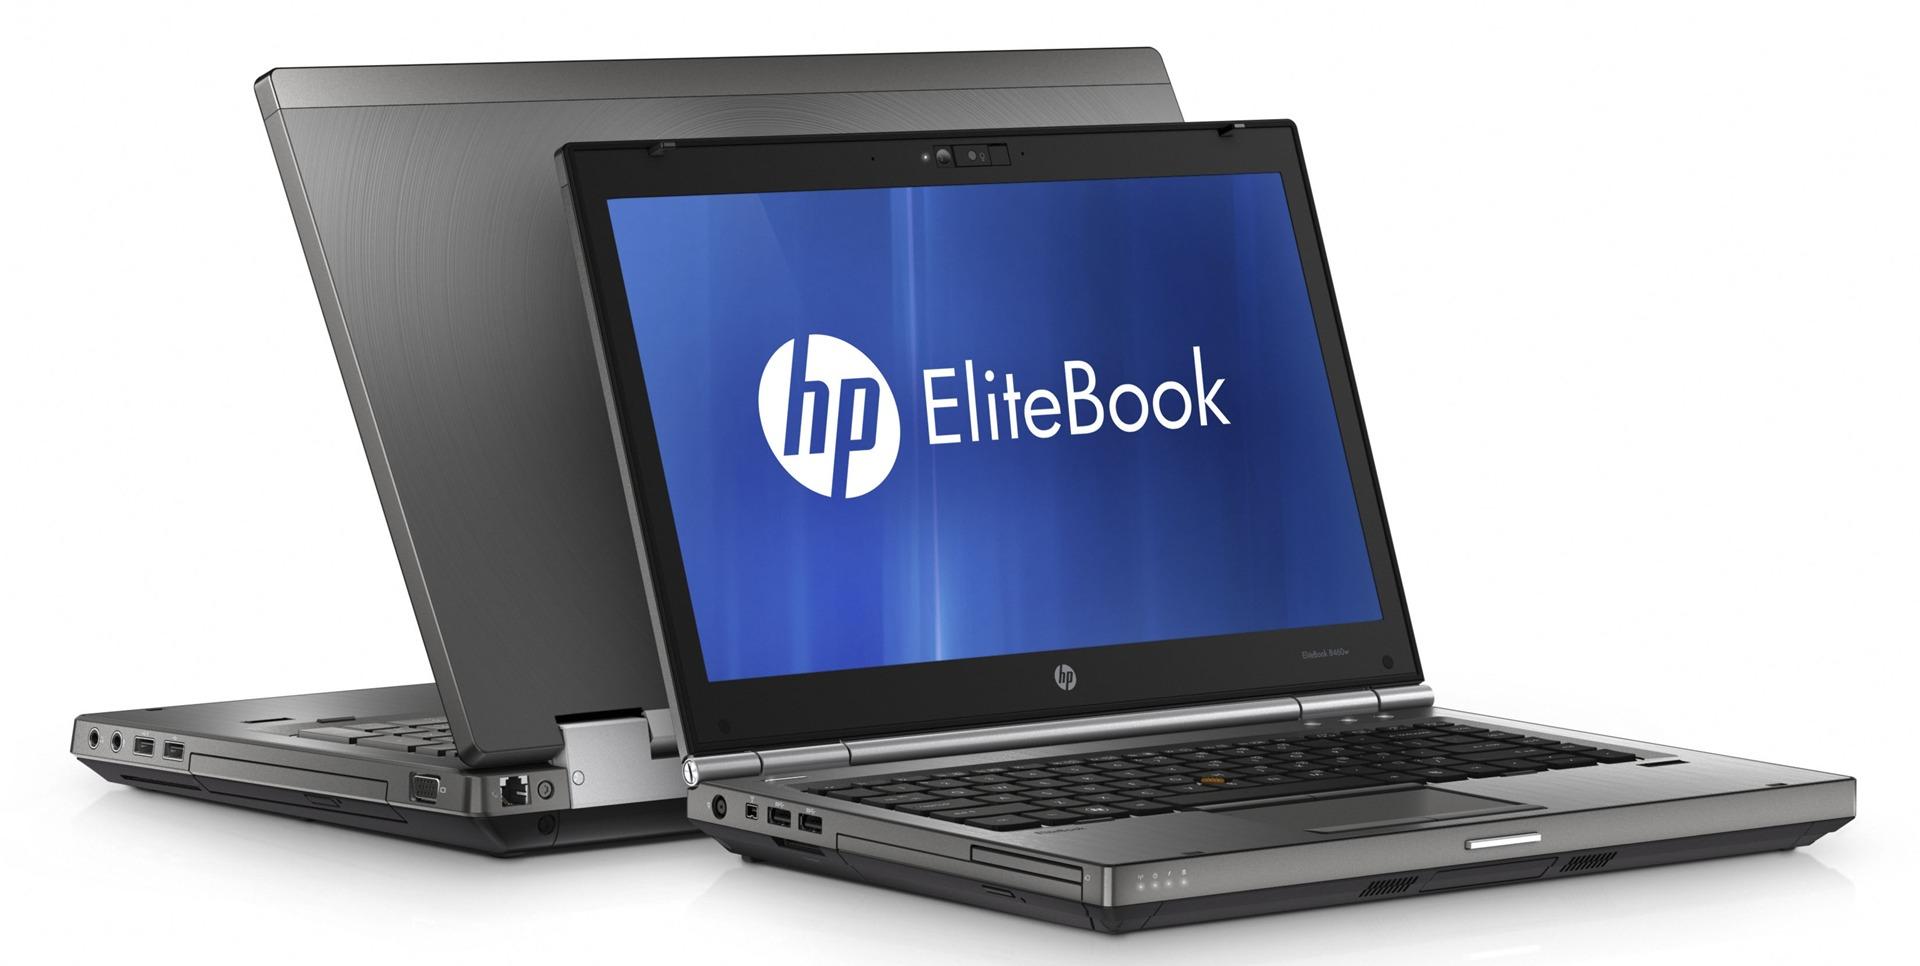 Leasing Laptop in UAE, Laptop Rental Company Dubai Abu Dhabi